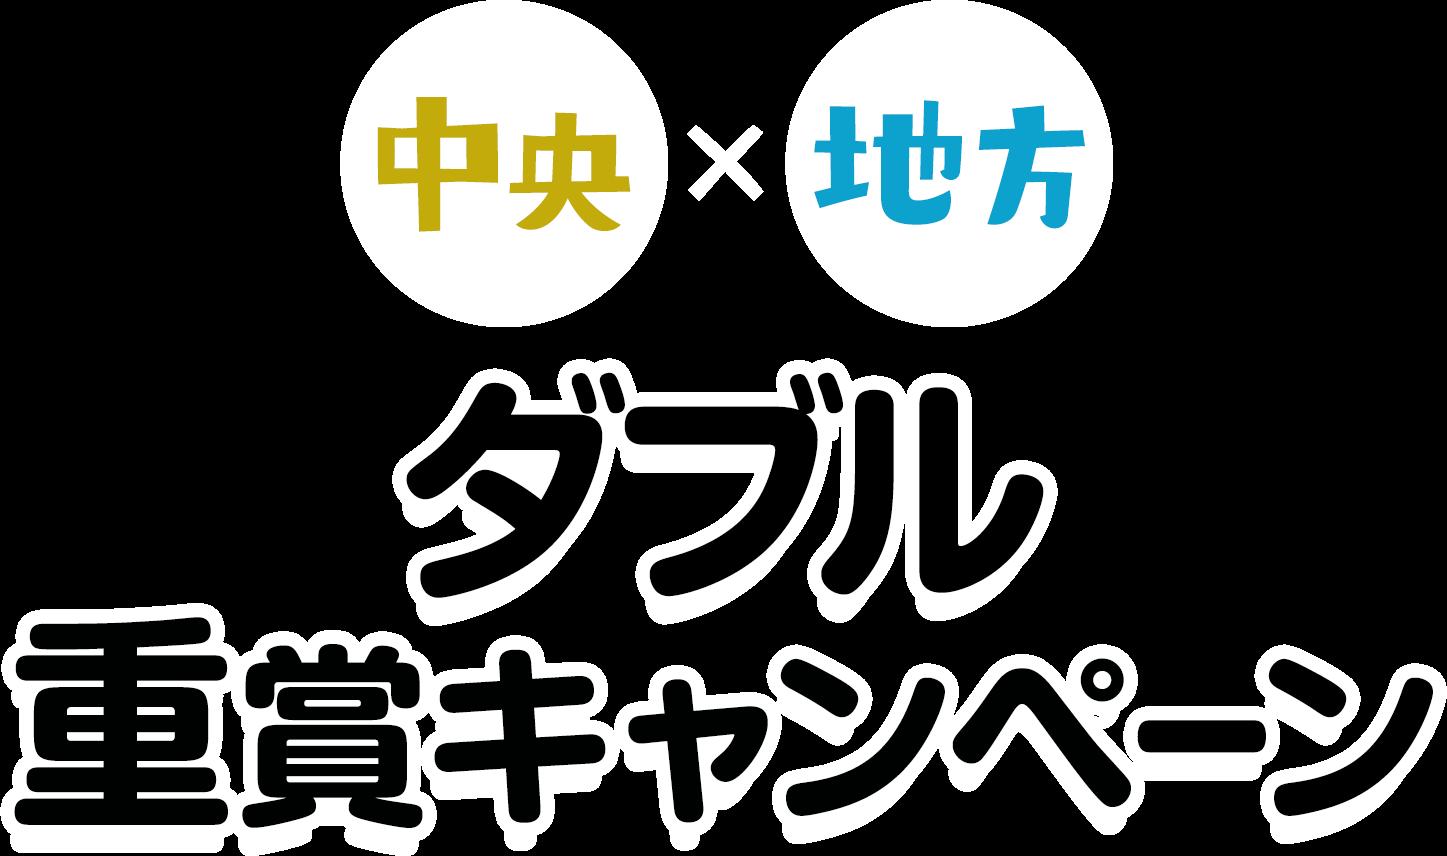 中央×地方 ダブル重賞キャンペーン